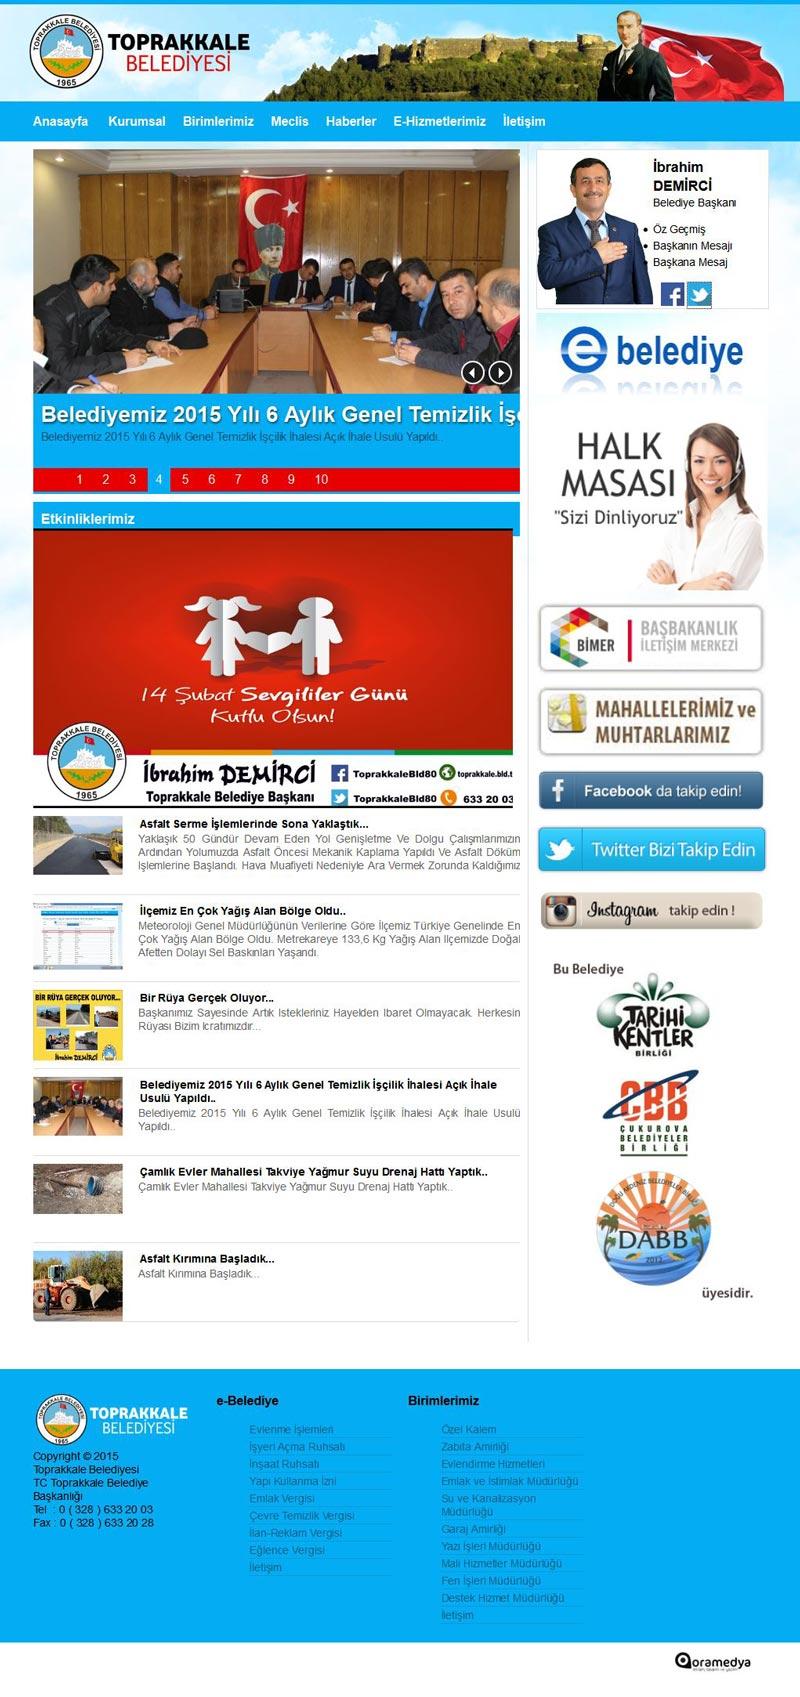 Toprakkale Belediyesi Web Tasarım